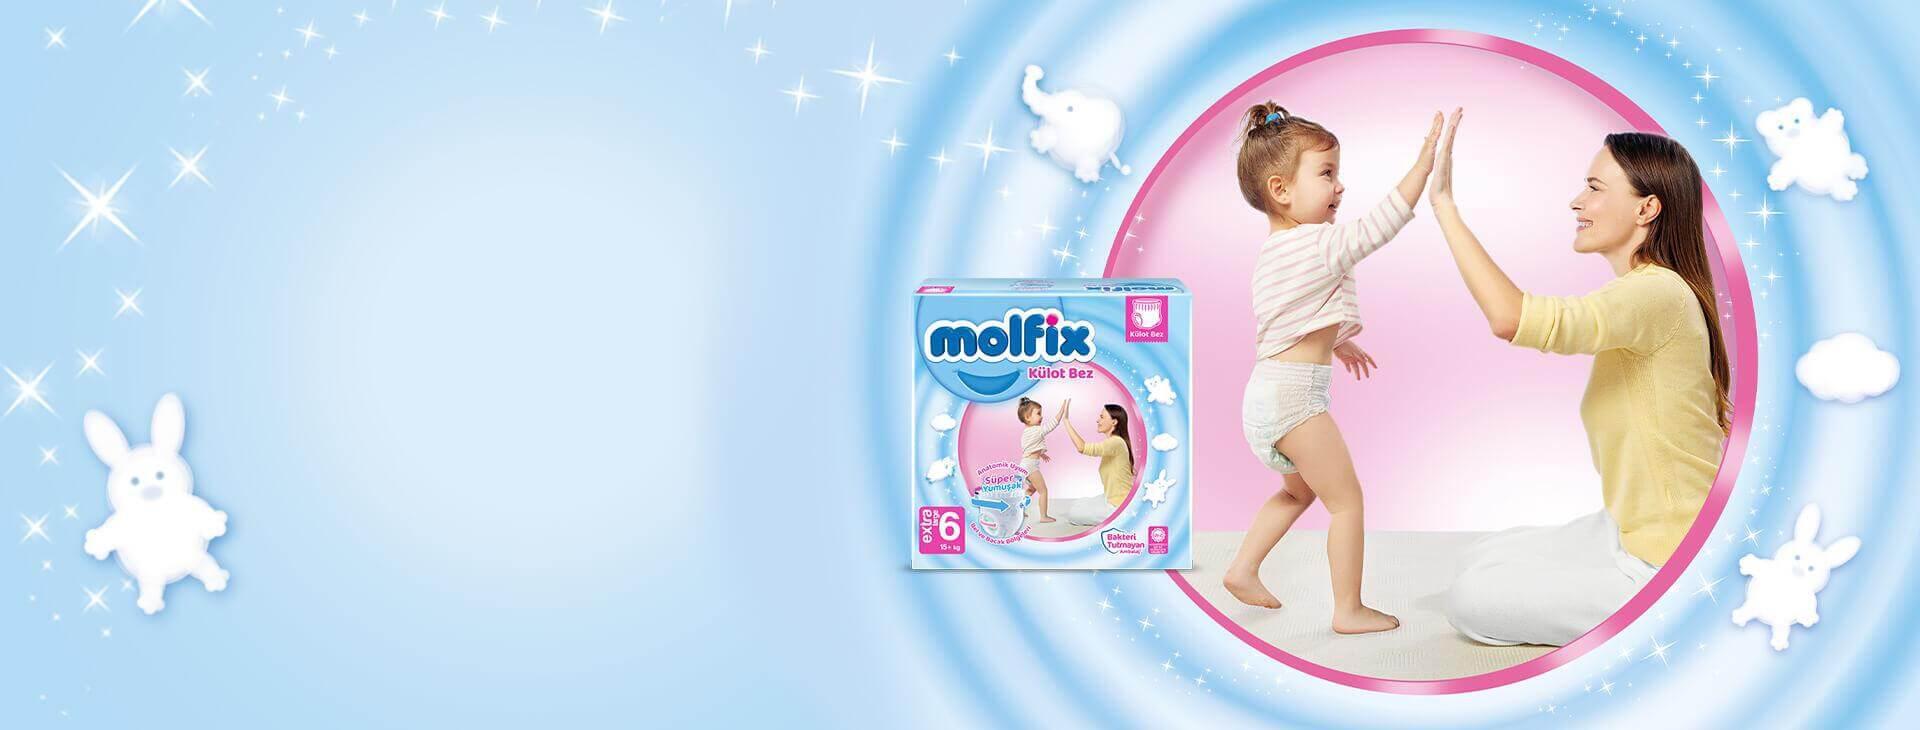 Molfix Extra Large Külot Bez